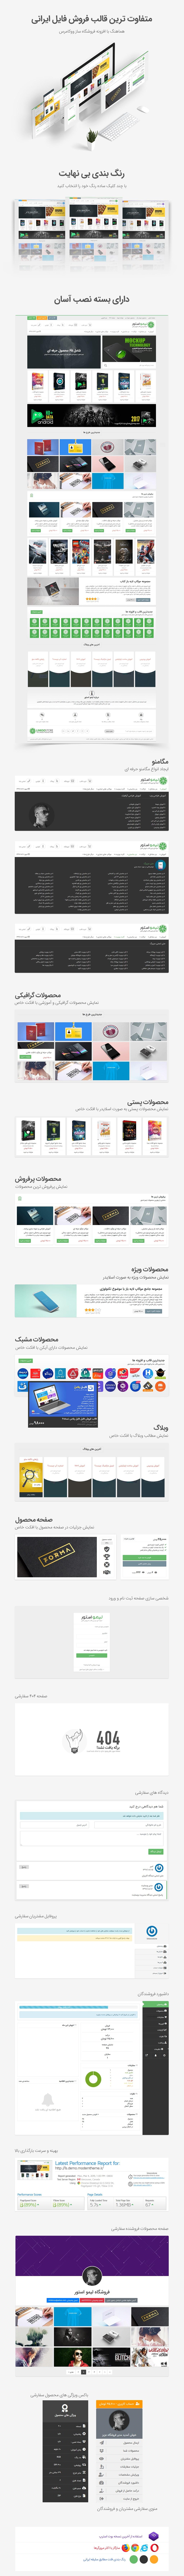 لیمو استور | قالب فروش فایل وردپرس هماهنگ با ووکامرس